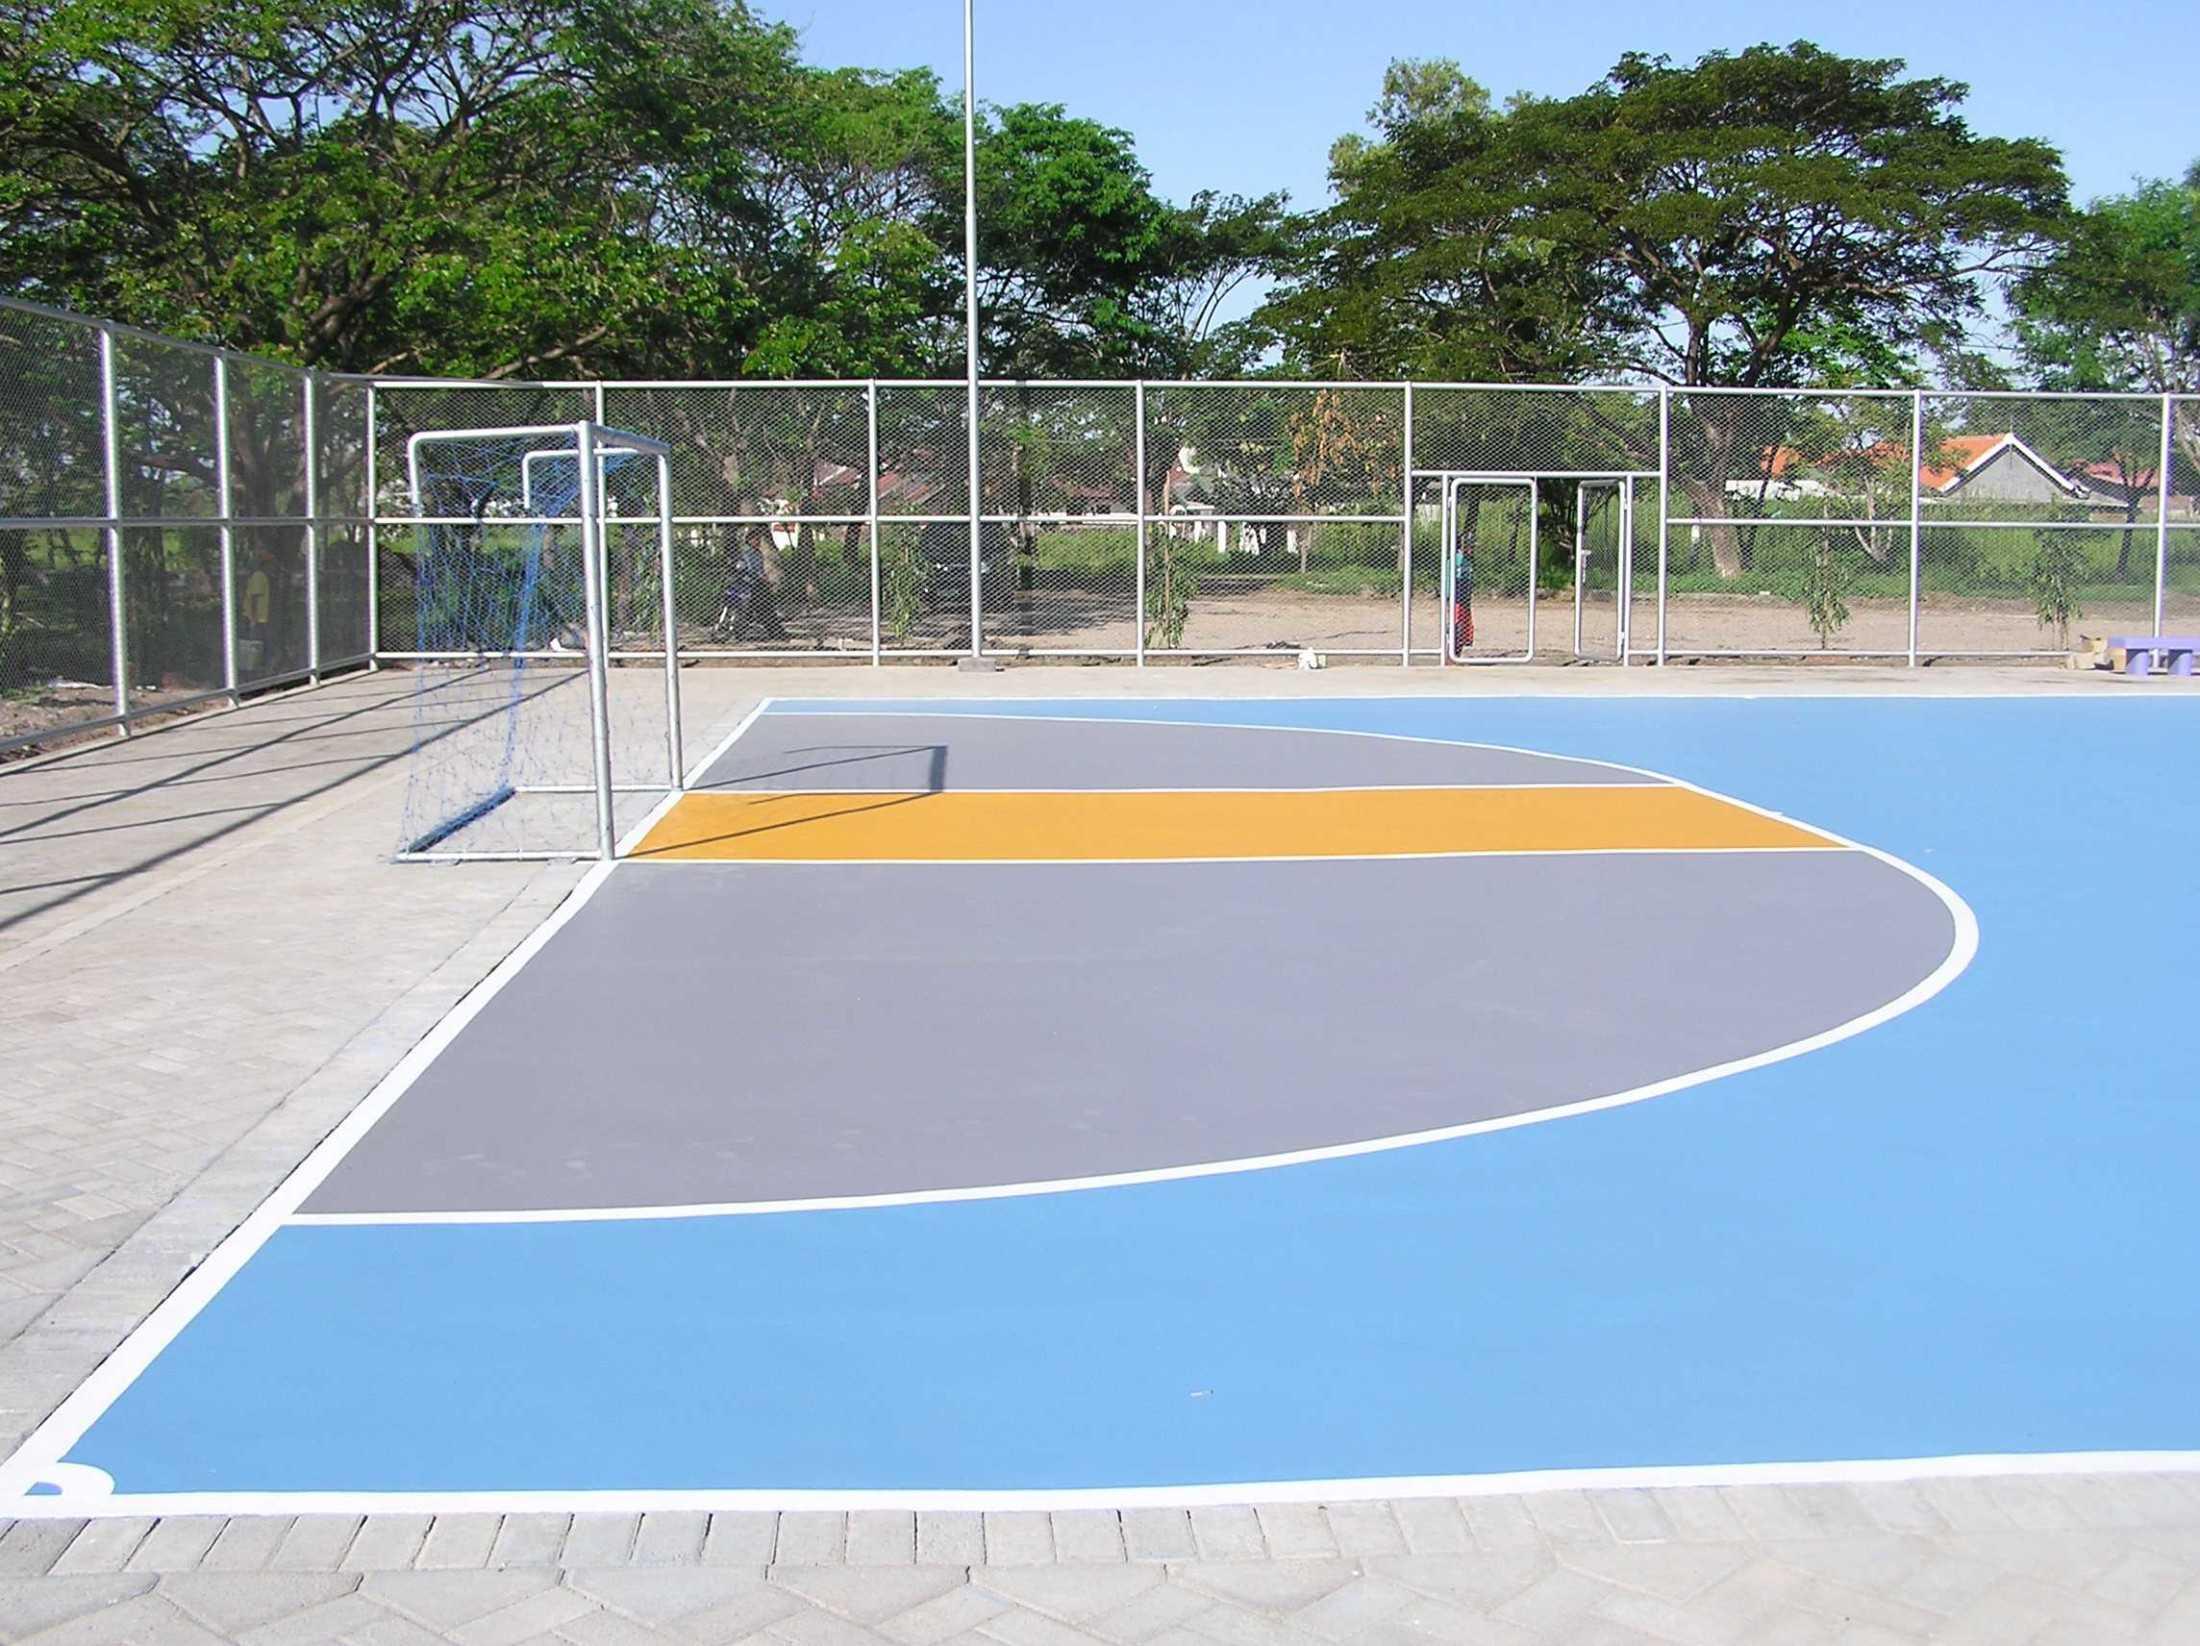 Ega Cipta Pratama Lapangan Futsal Its Kota Sby, Jawa Timur, Indonesia Kota Sby, Jawa Timur, Indonesia Ega-Cipta-Pratama-Lapangan-Futsal-Its  55446